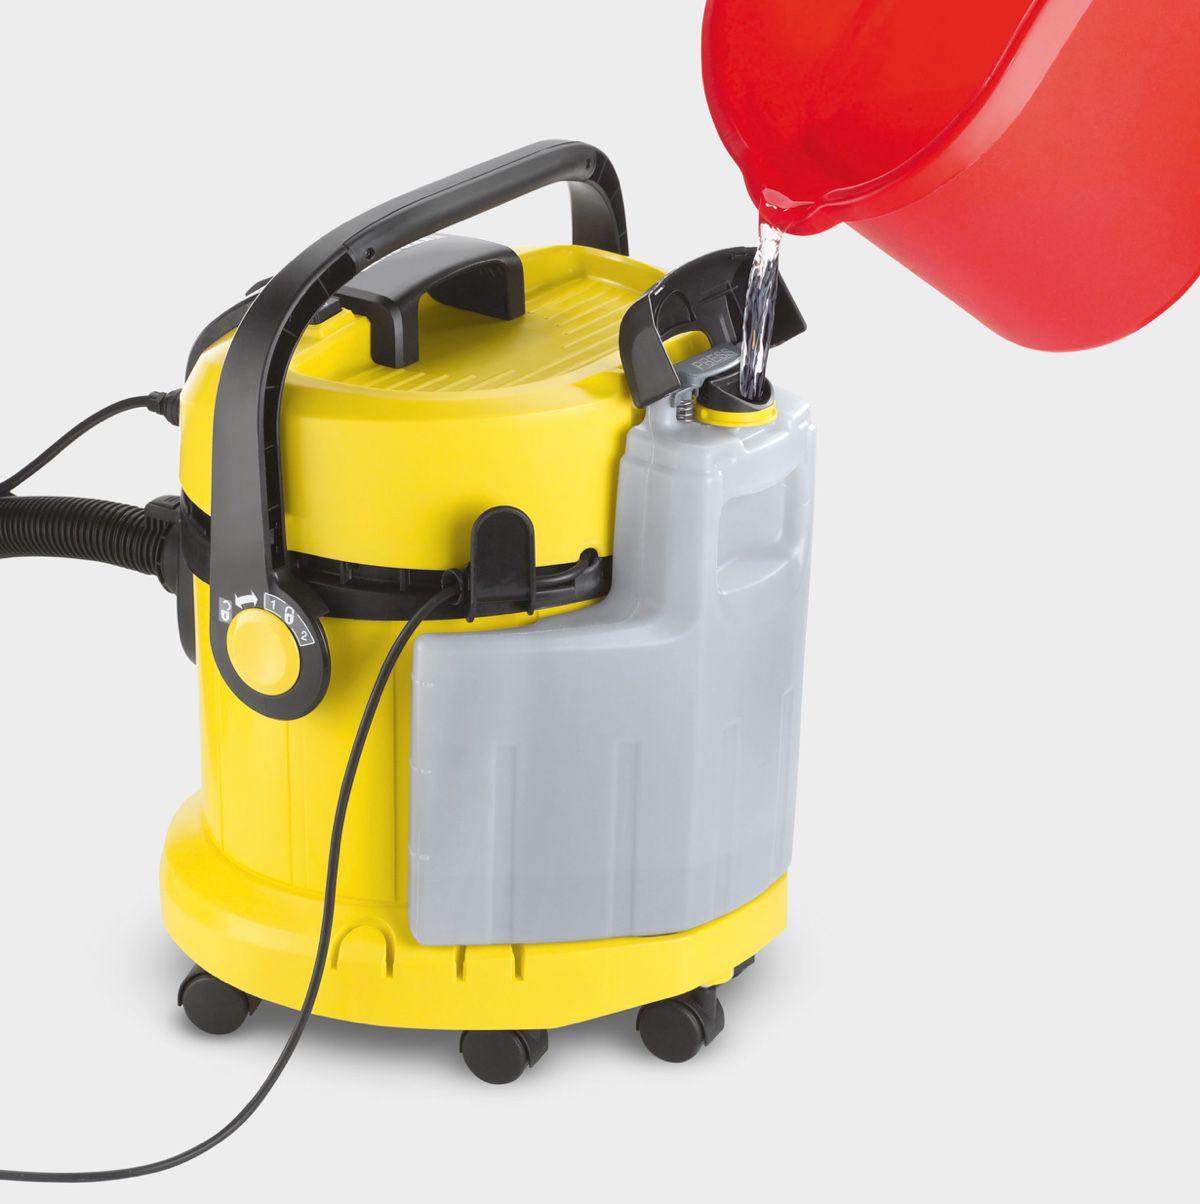 Extratora Aspirador Pó e Líquidos Karcher SE 4001